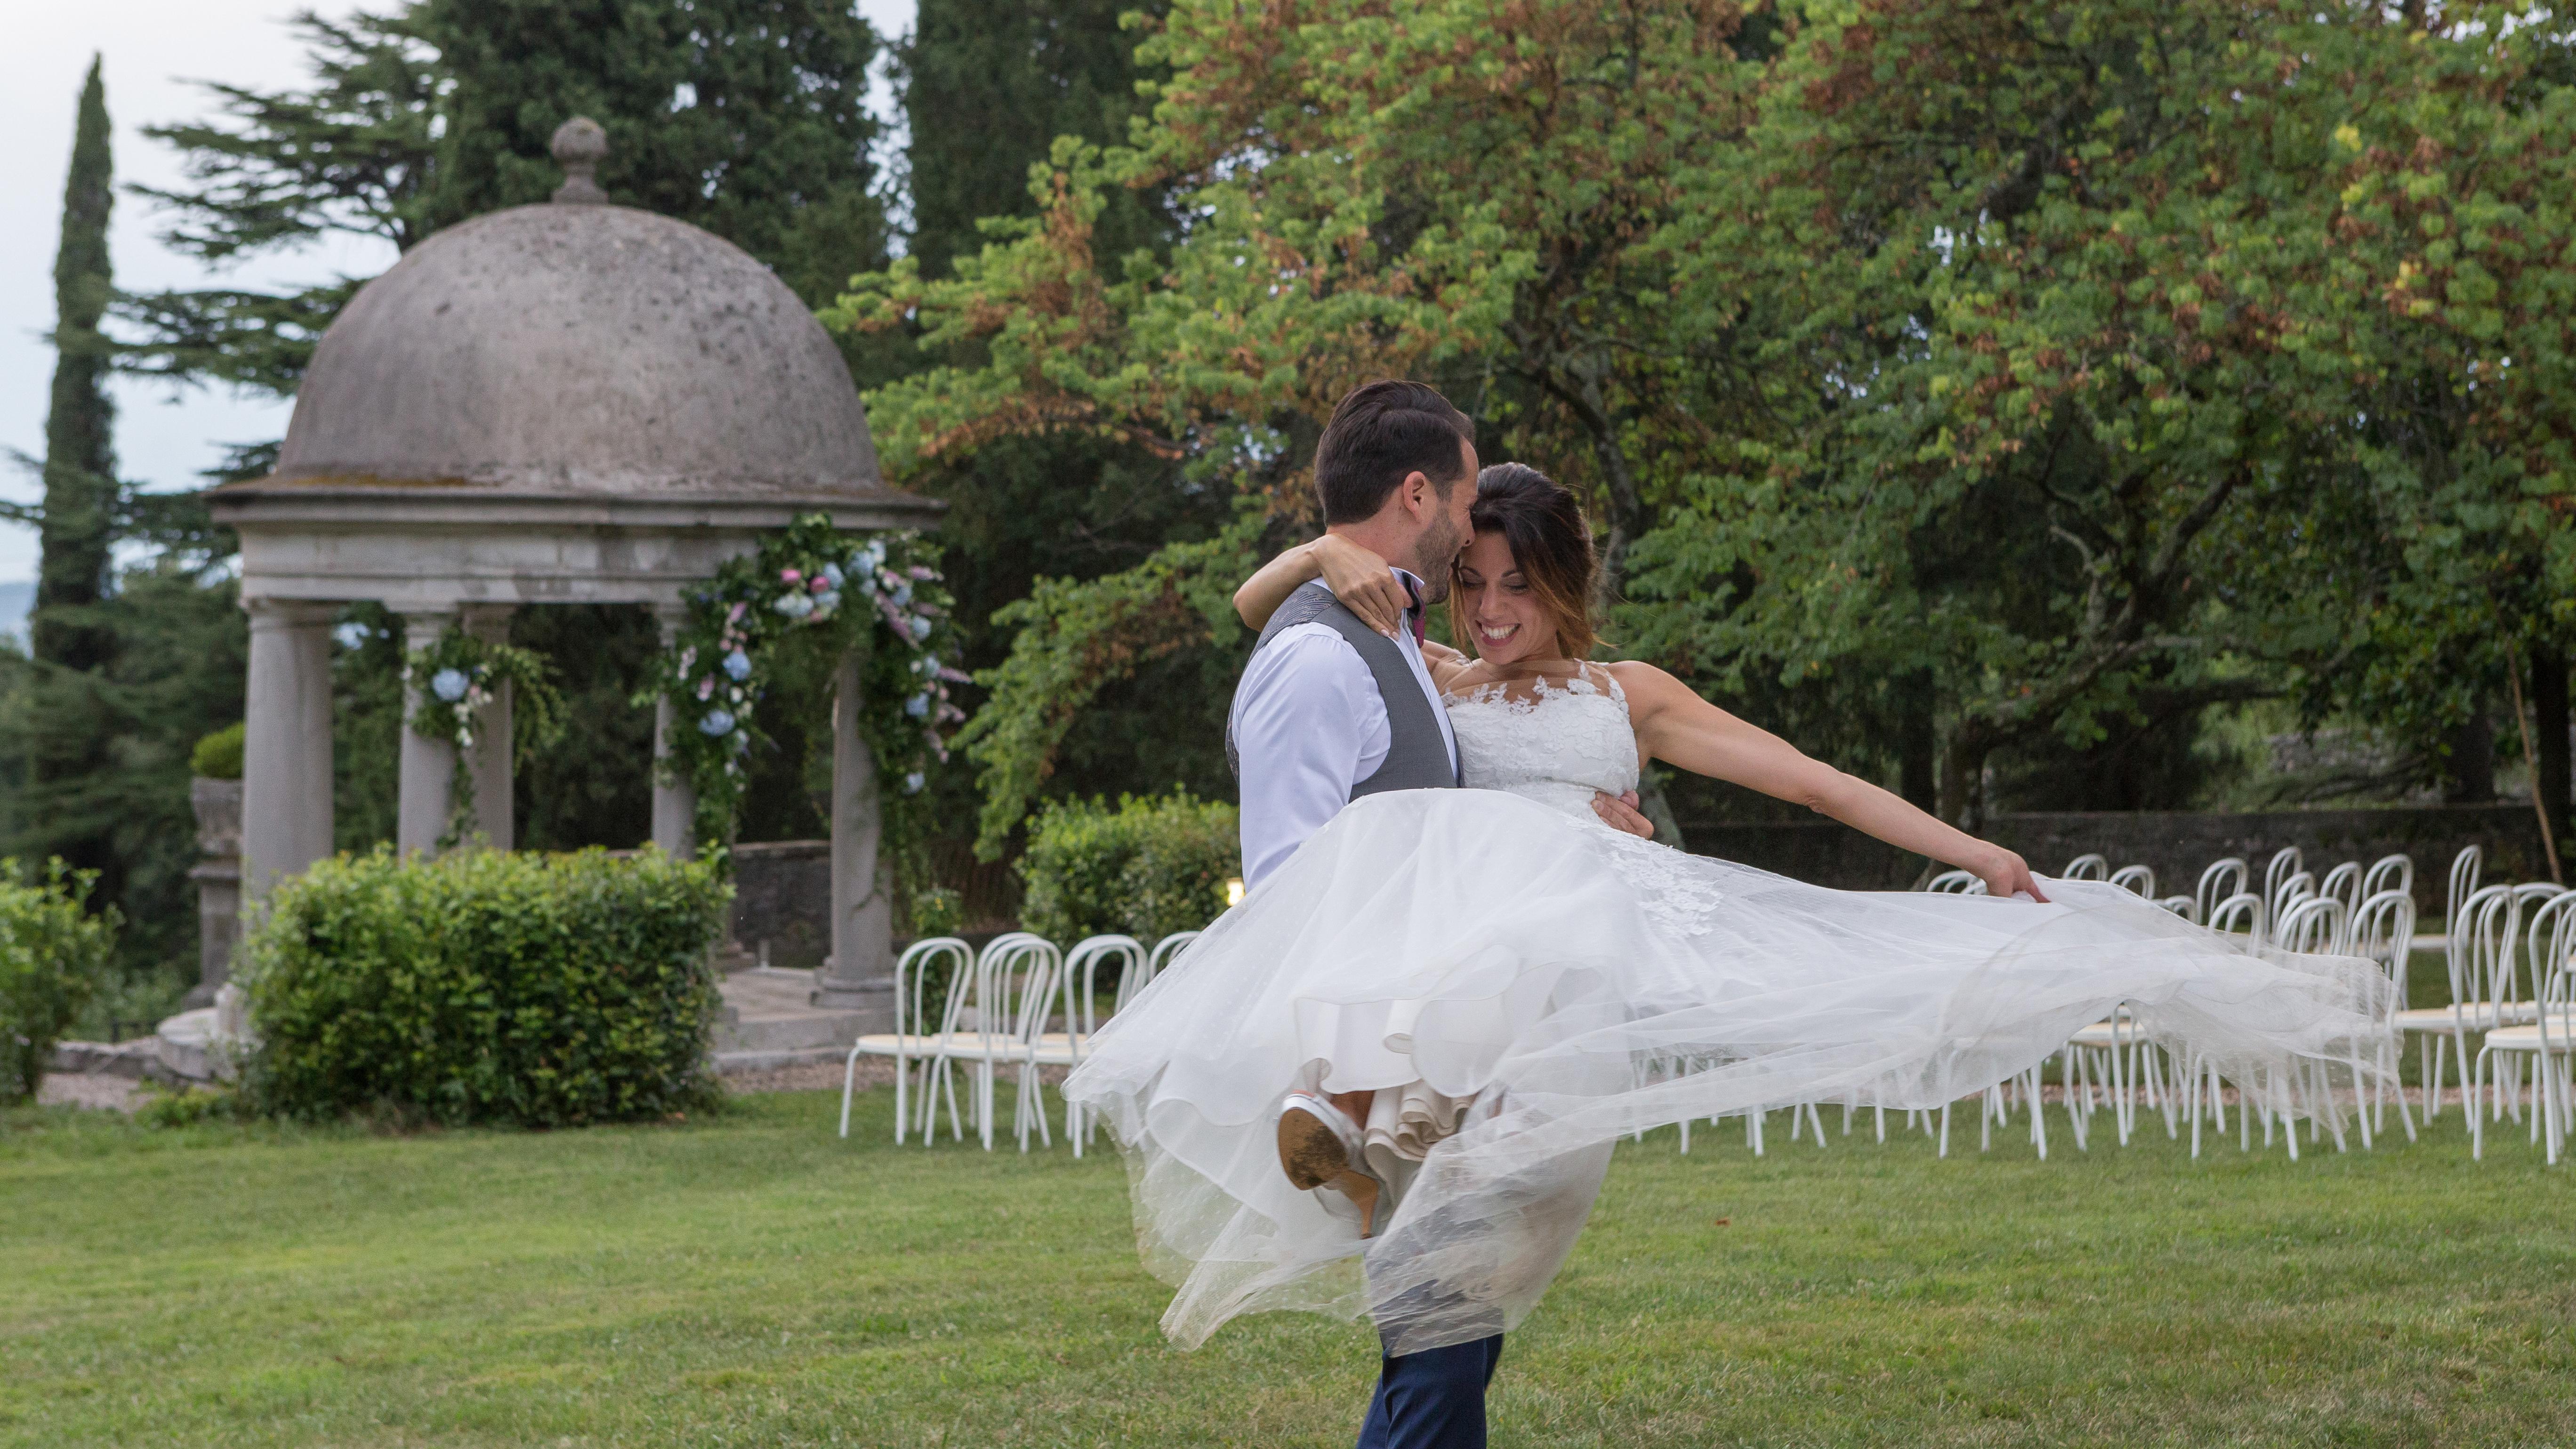 Matrimonio_Sito-11